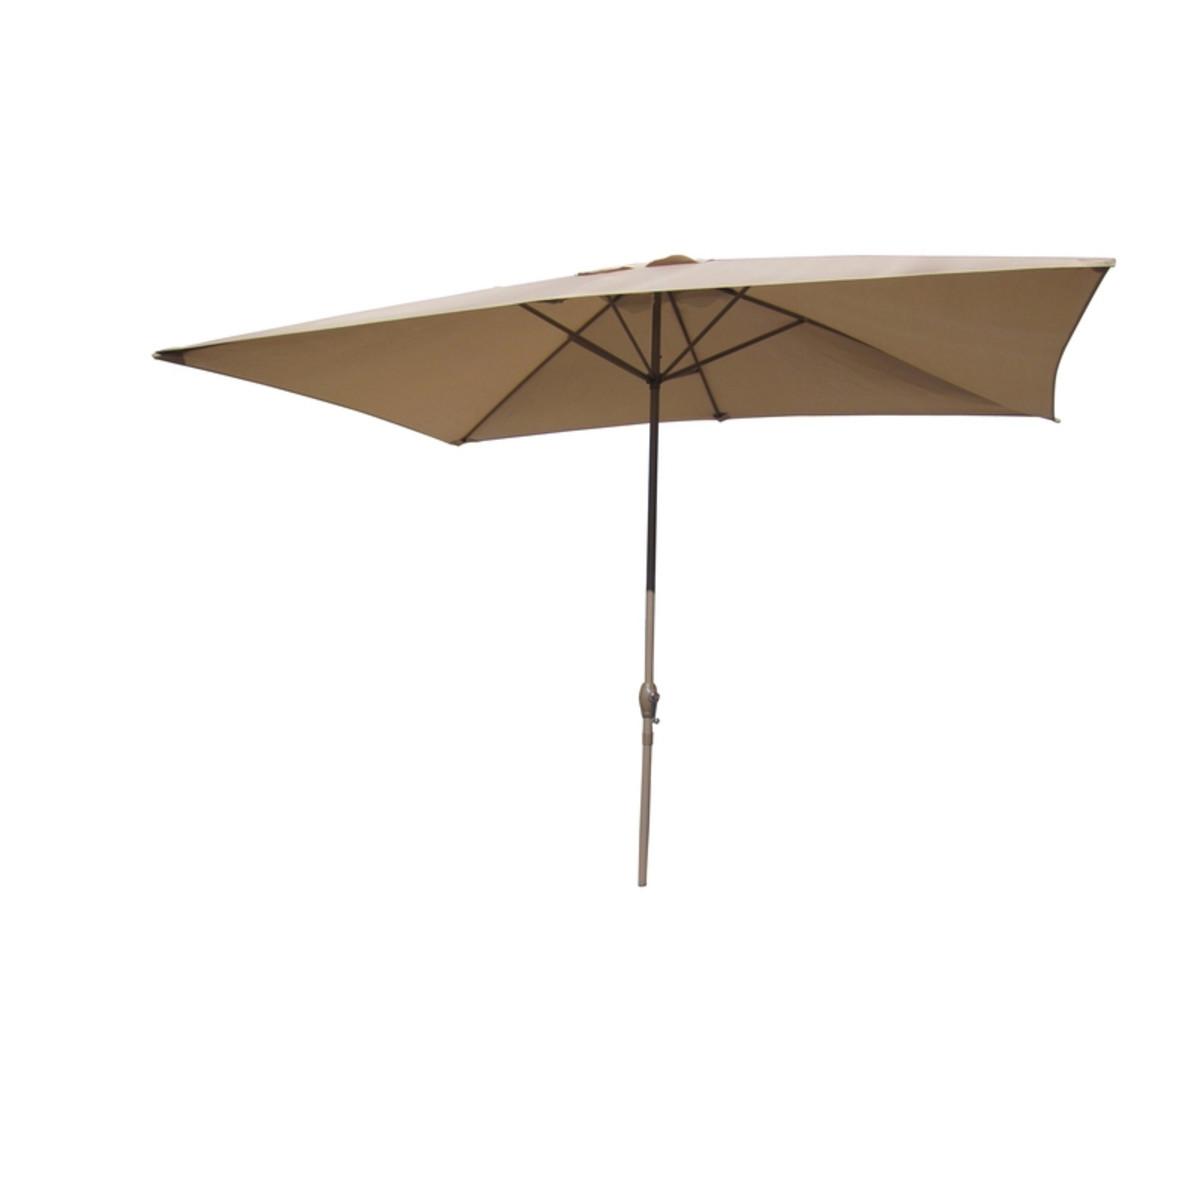 Зонт дачный 3 м бежевый металл/полиэстер